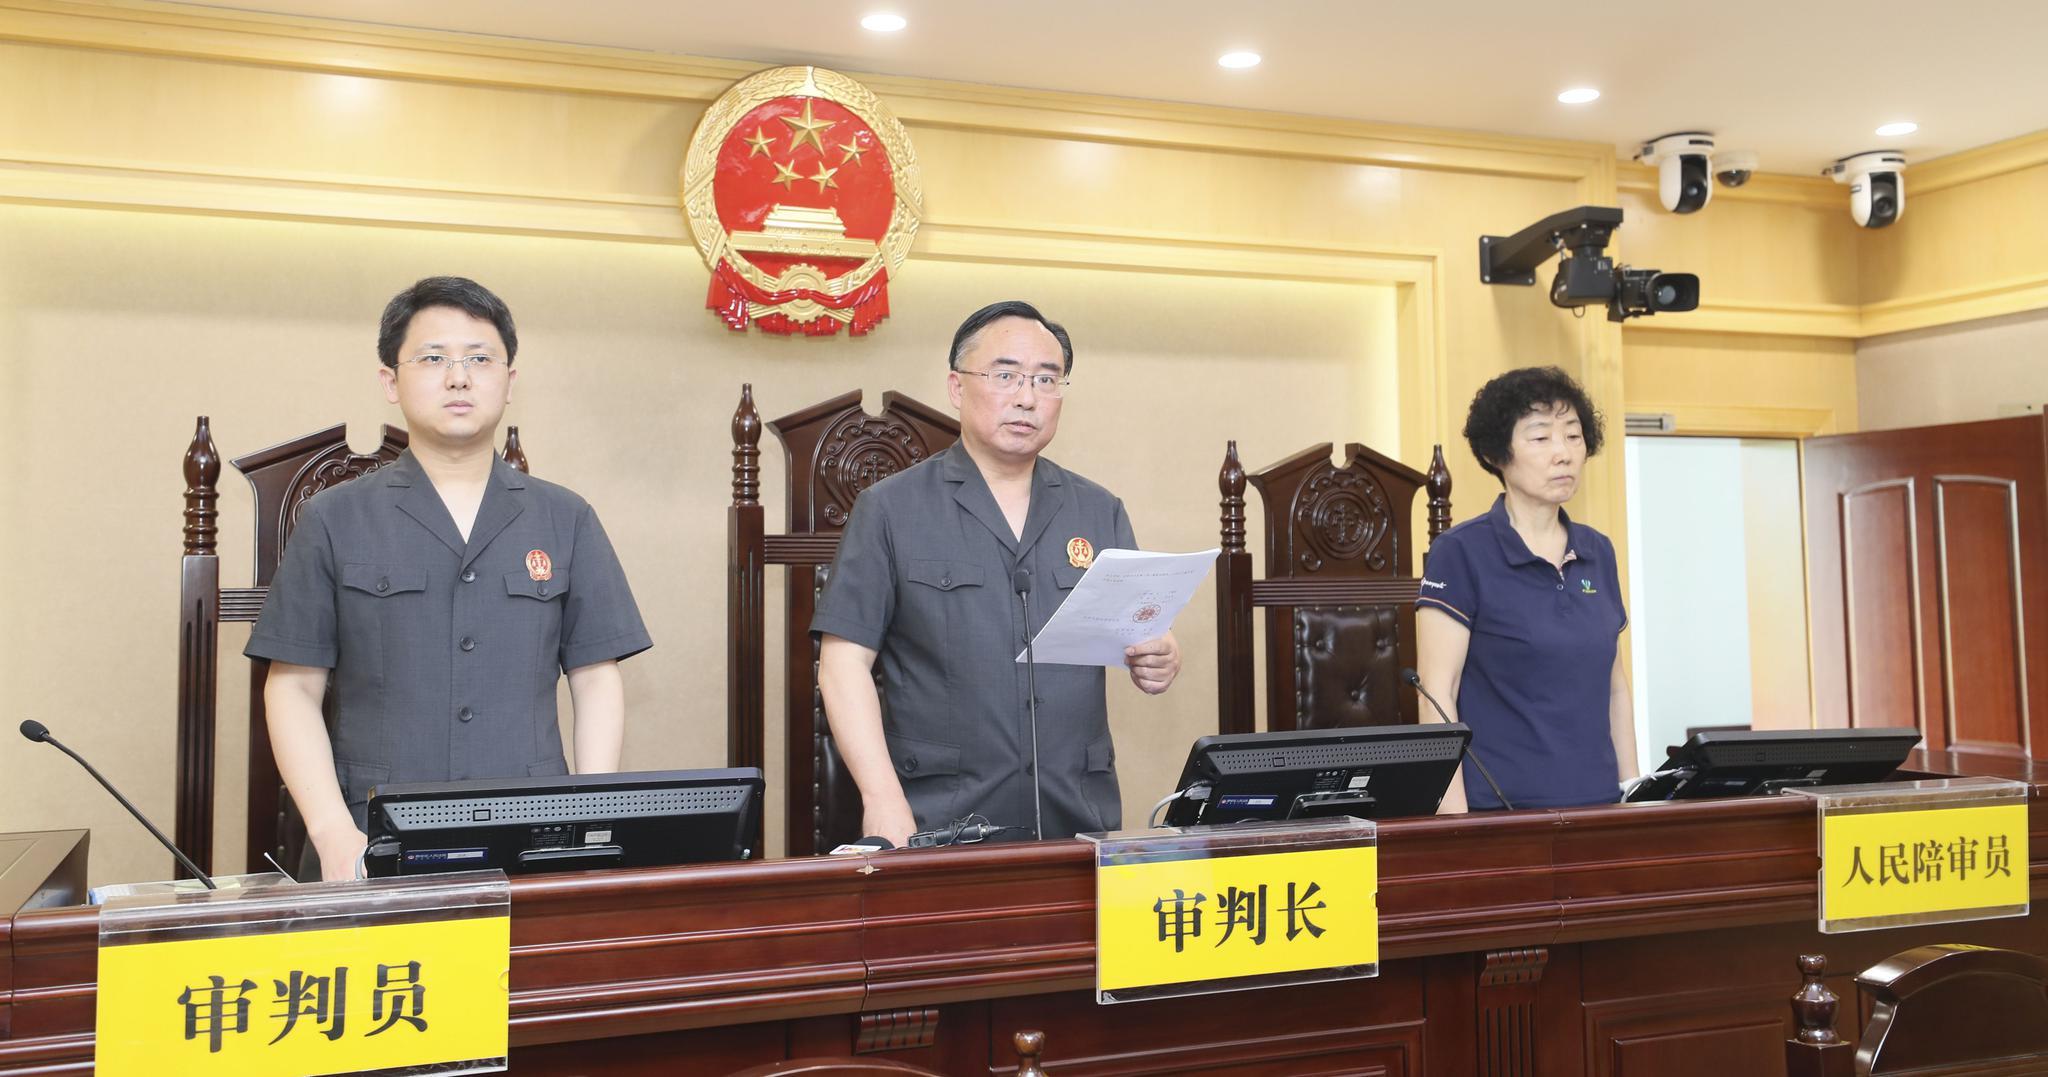 上海10岁男孩骑ofo车祸身亡,单车公司赔6.7万